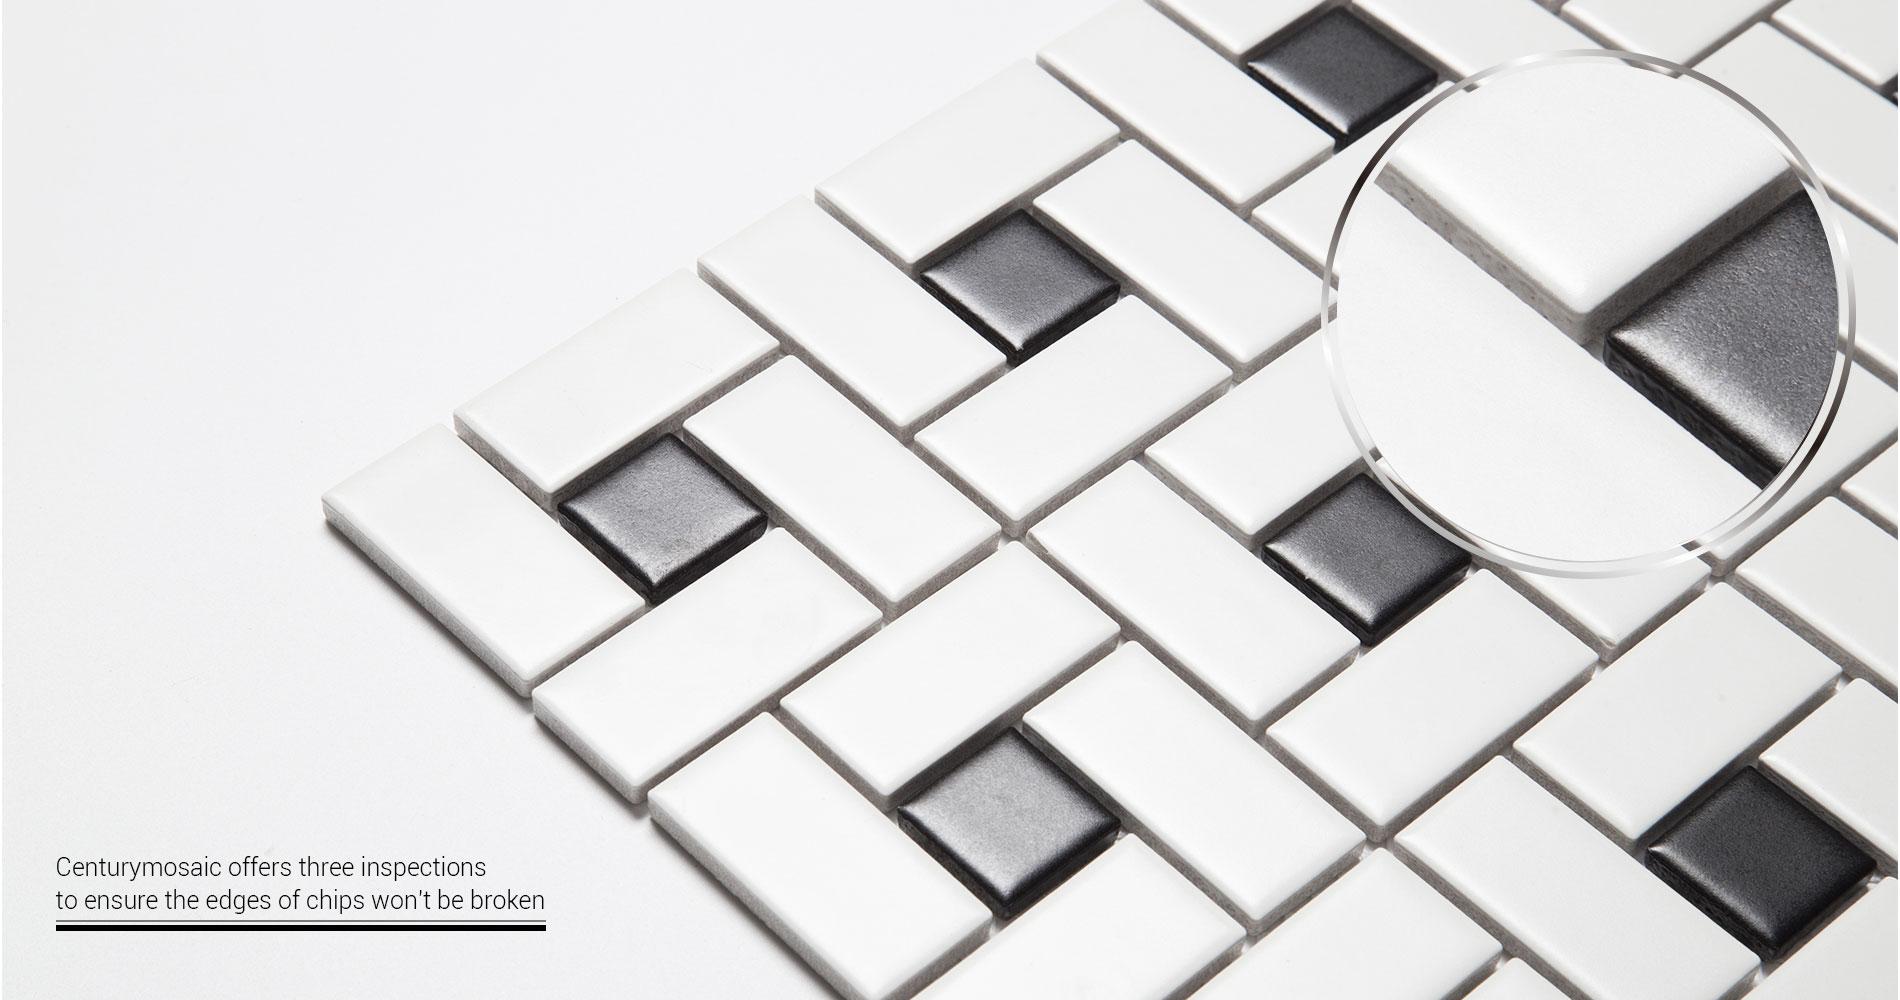 Century-Mosaic-Ceramic-Basketweave-Mosaic-Tile-Collection